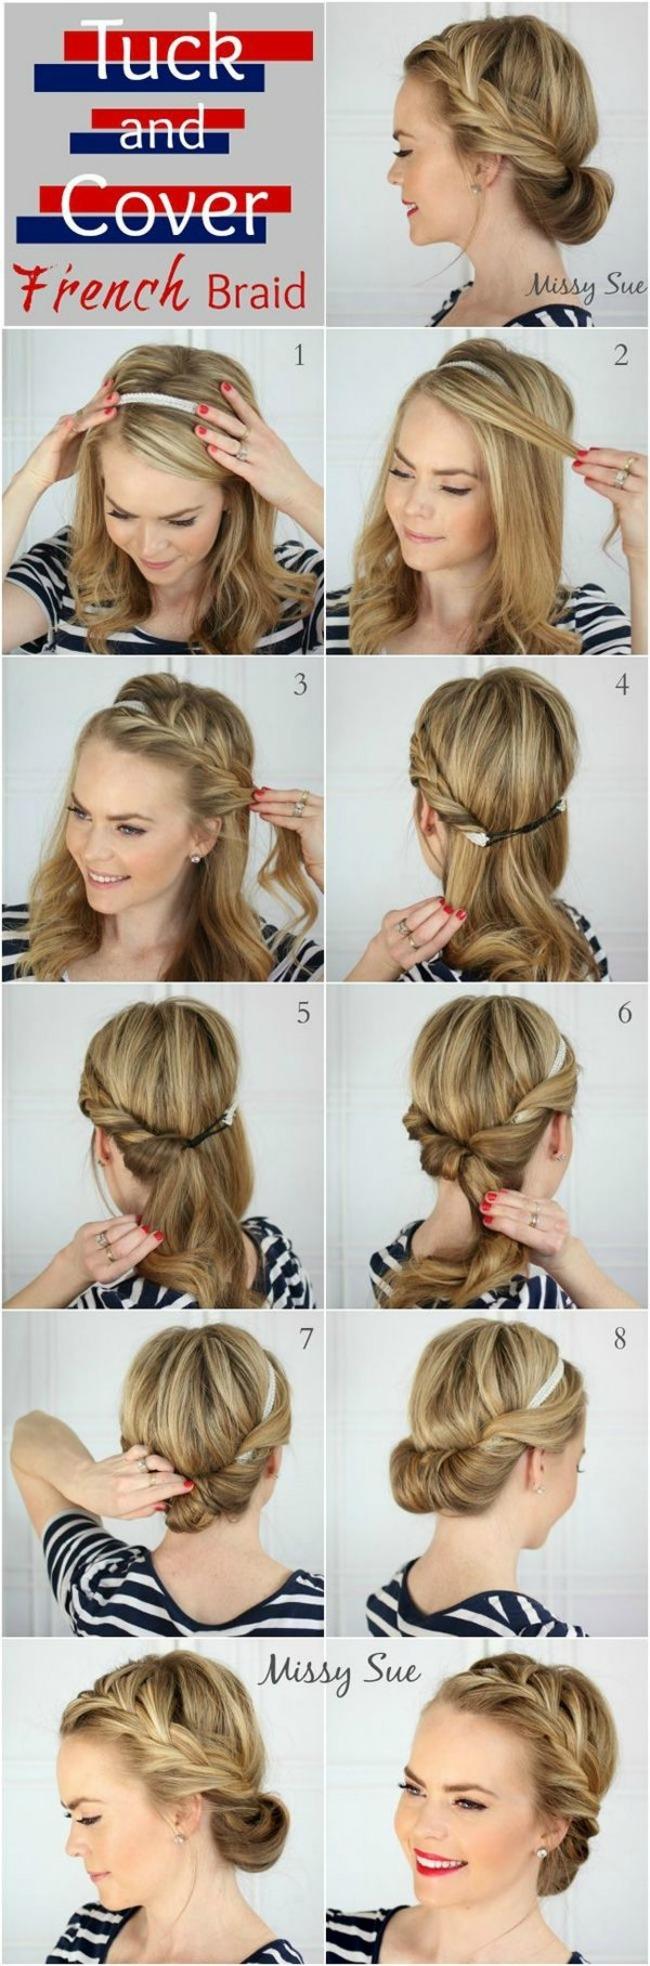 stajlis frizure za vencanje sa pinteresta elegantna francuska pundja pletenica Stajliš frizure za venčanje sa Pinteresta